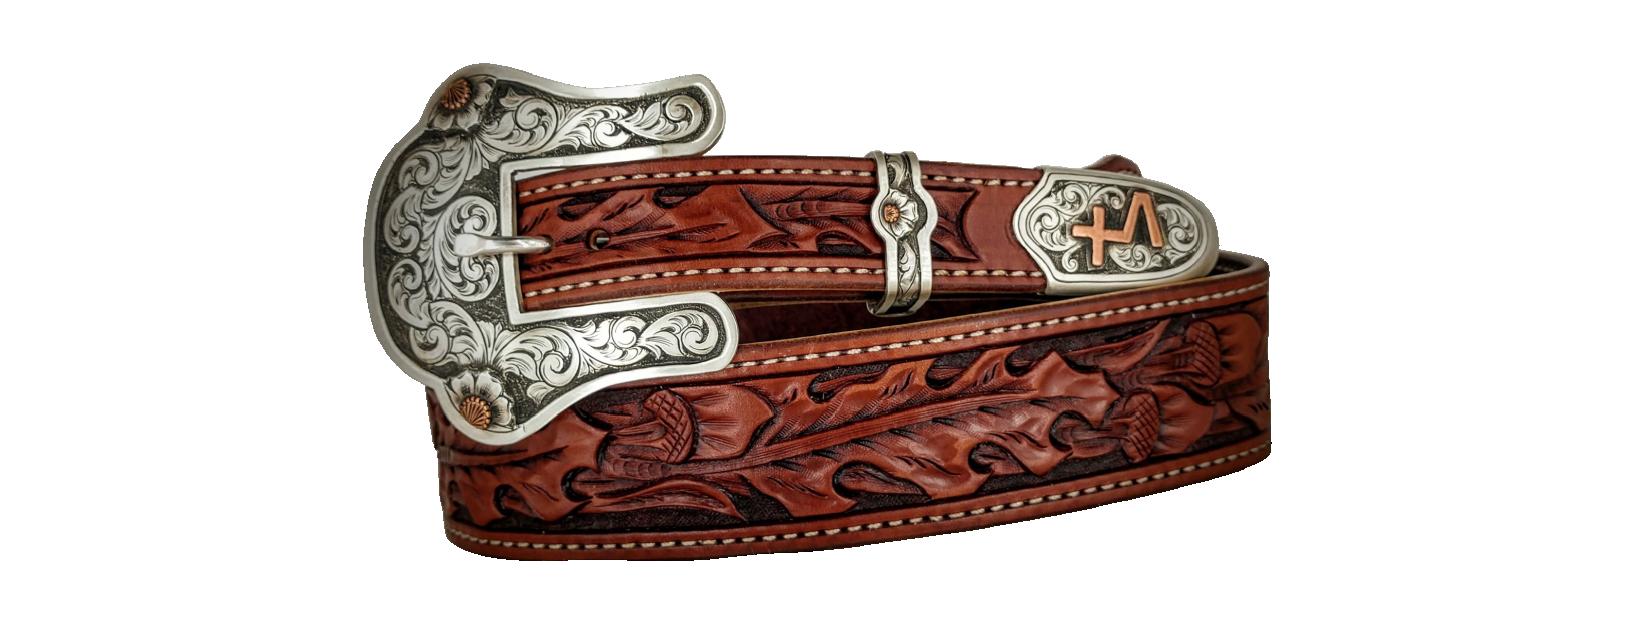 Vintage Tooled Leather JOE Name Belt  ~  Western Cowboy Belt  ~  New Old Stock